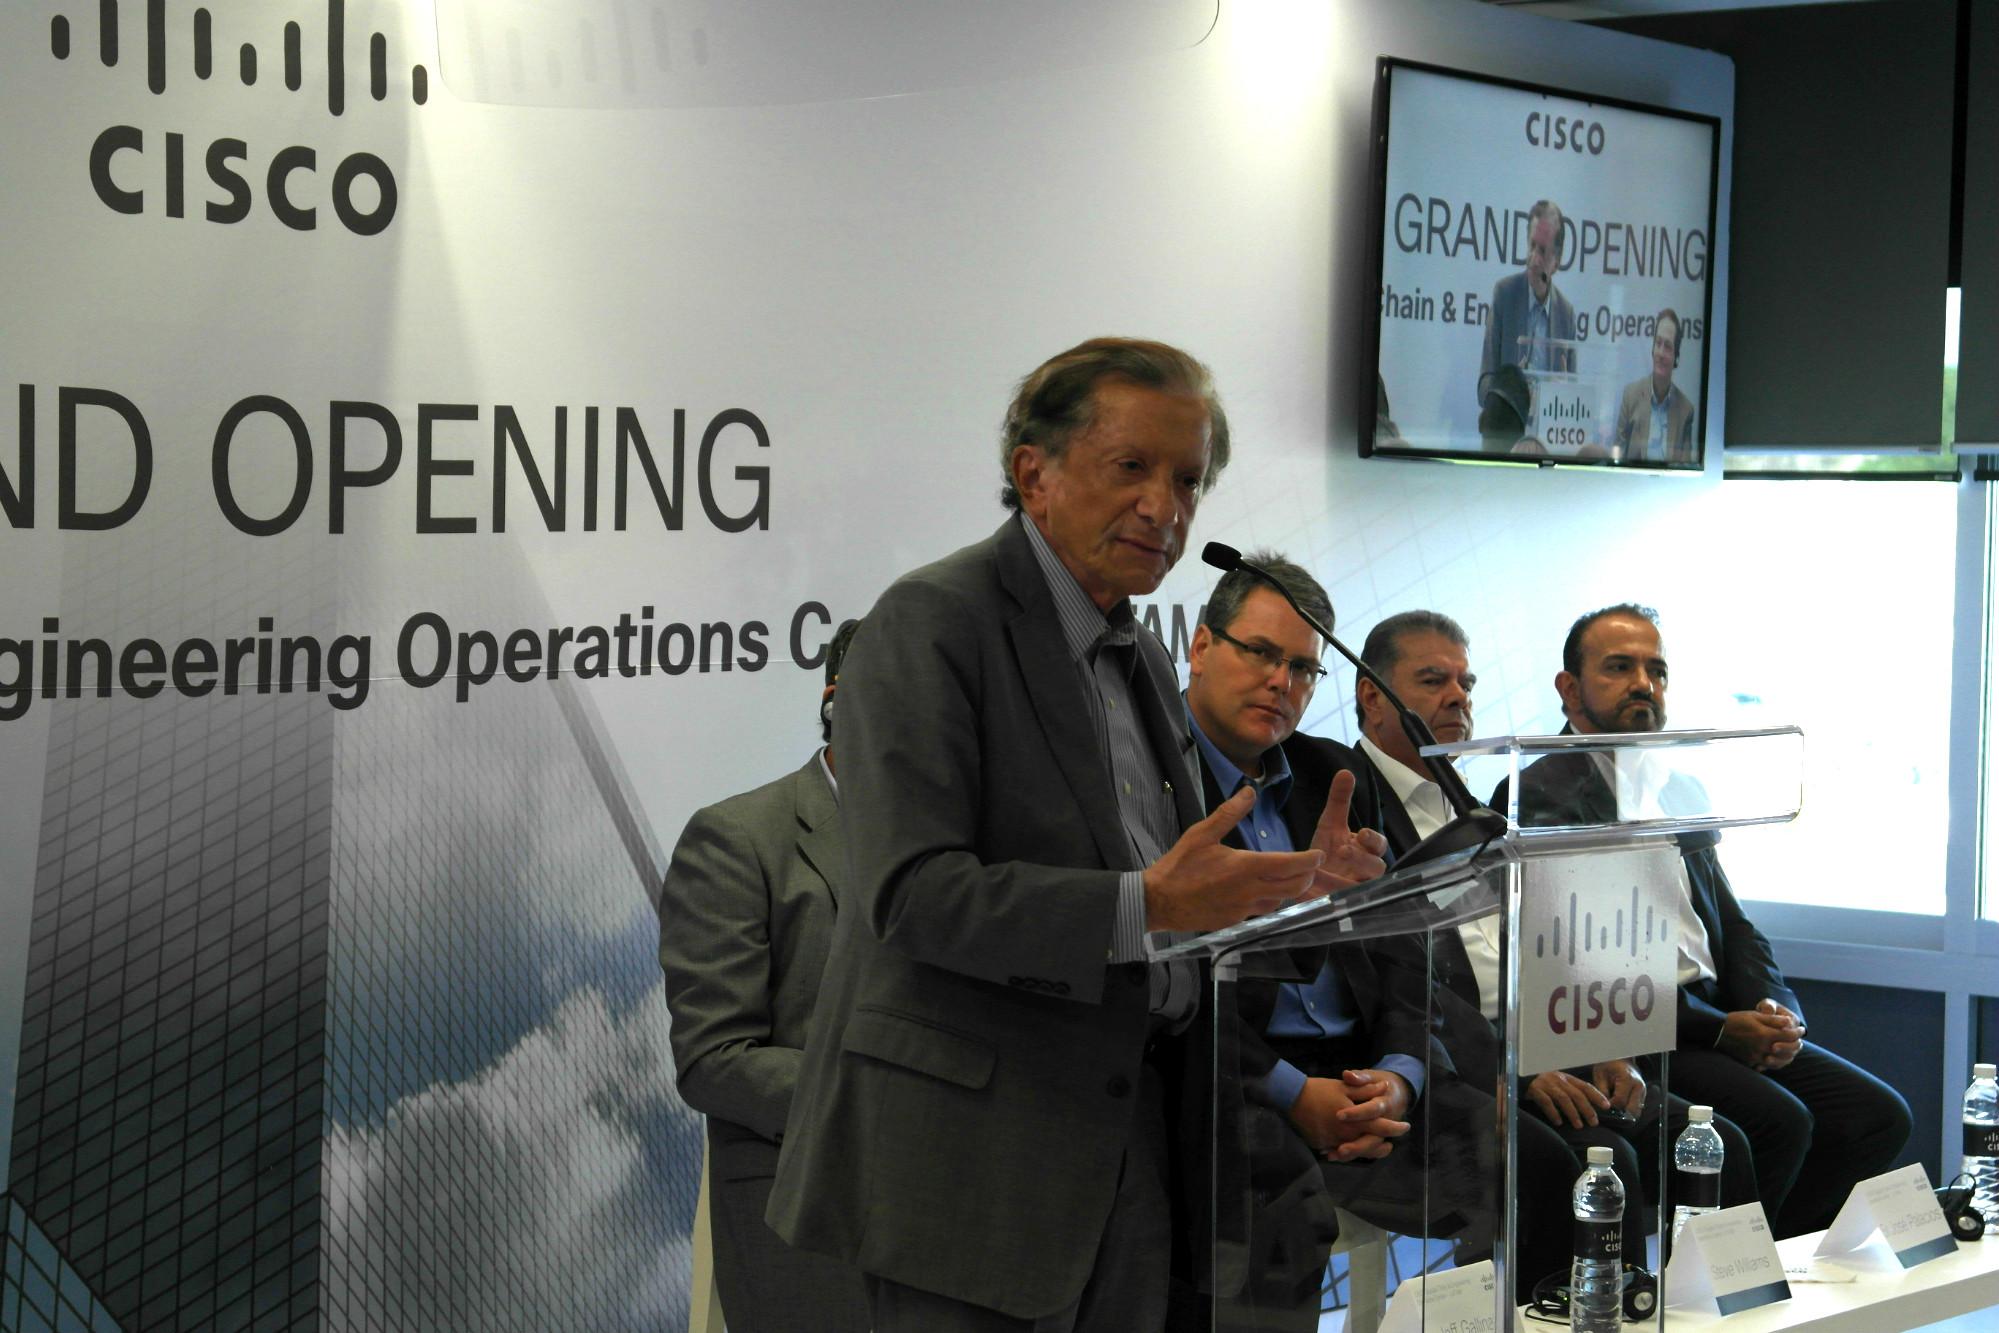 Un hombre mayor, vestido con un traje gris habla a una audiencia. Detrás de él se lee la palabra opening